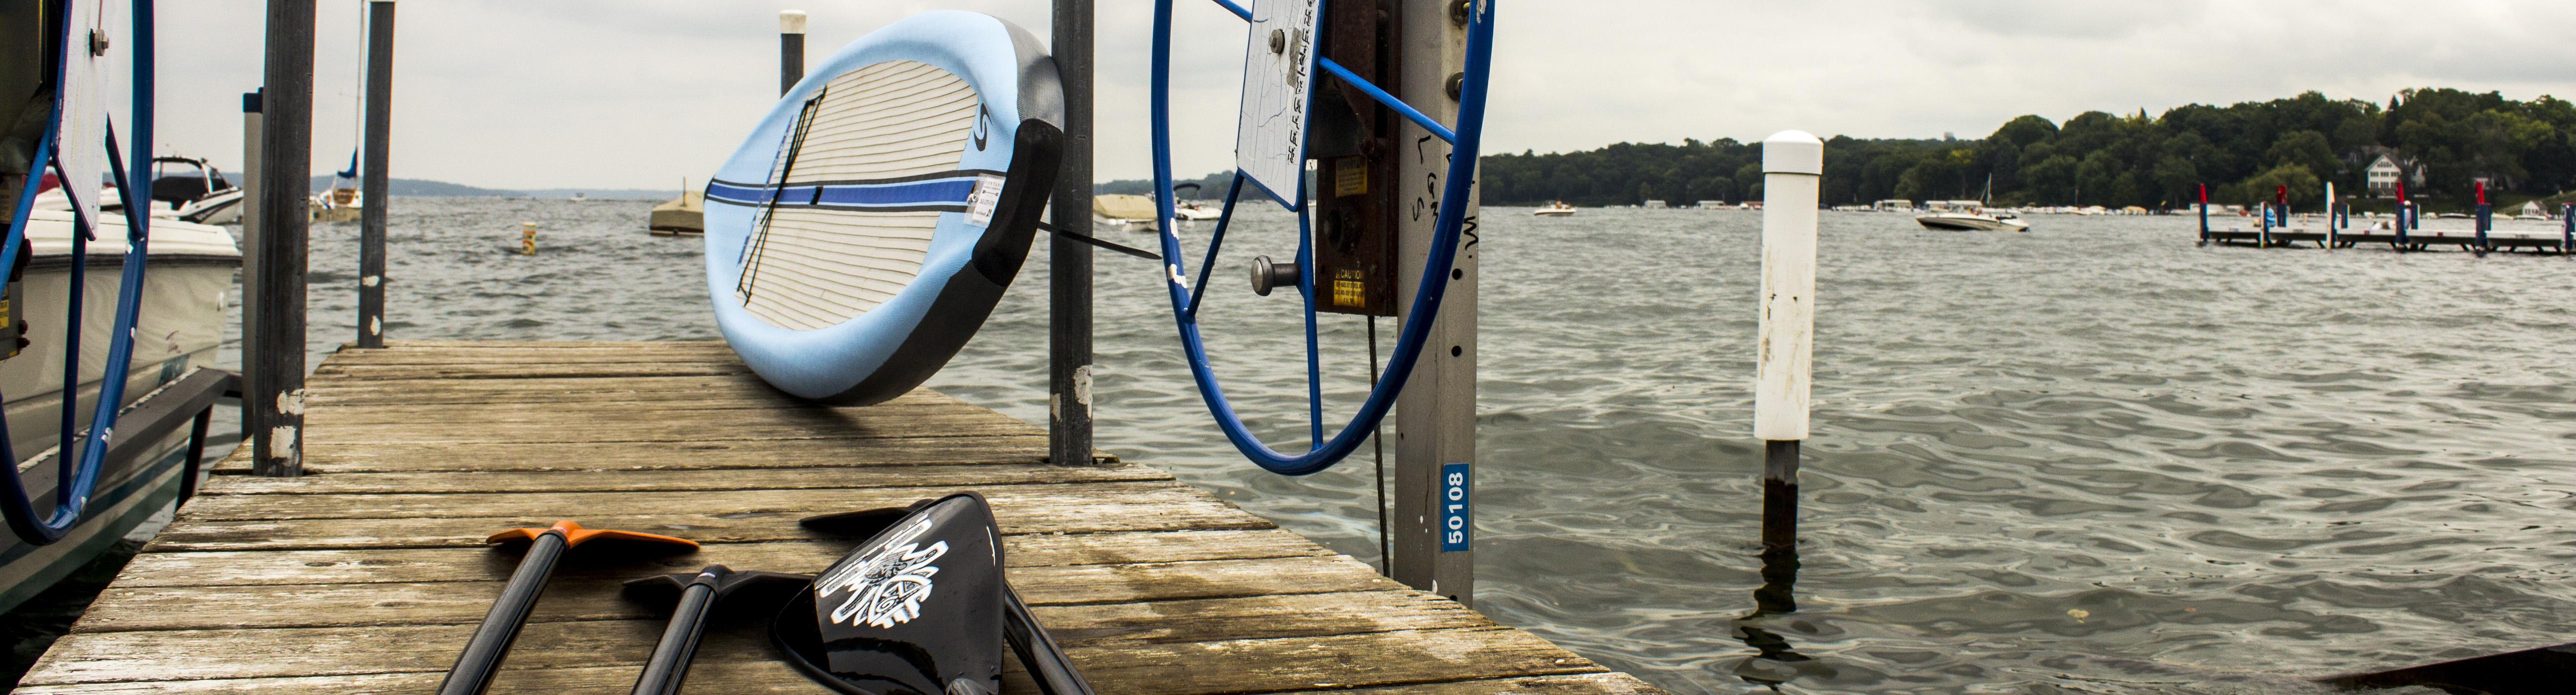 fontana paddle pier shot.jpg